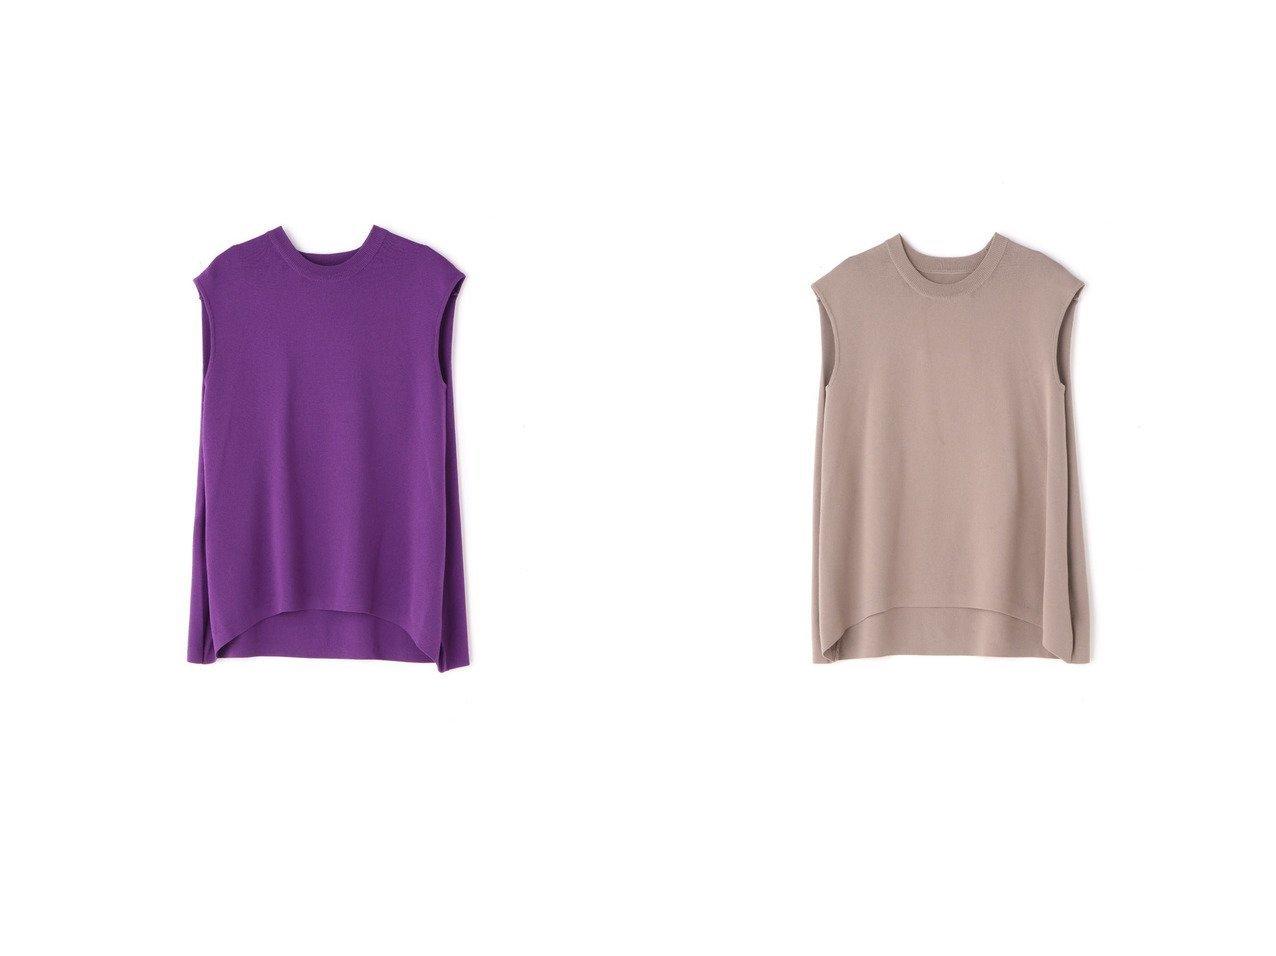 【FREE'S MART/フリーズマート】のノースリタック総針チュニックニット 【プチプライス】おすすめ!人気トレンド・ファッション通販  おすすめで人気の流行・トレンド、ファッションの通販商品 インテリア・家具・メンズファッション・キッズファッション・レディースファッション・服の通販 founy(ファニー) https://founy.com/ ファッション Fashion レディースファッション WOMEN トップス・カットソー Tops/Tshirt ニット Knit Tops 2021年 2021 2021春夏・S/S SS/Spring/Summer/2021 S/S・春夏 SS・Spring/Summer スタンダード スリム チュニック ハーフ フォルム フラット リラックス 人気 定番 Standard 春 Spring  ID:crp329100000042283